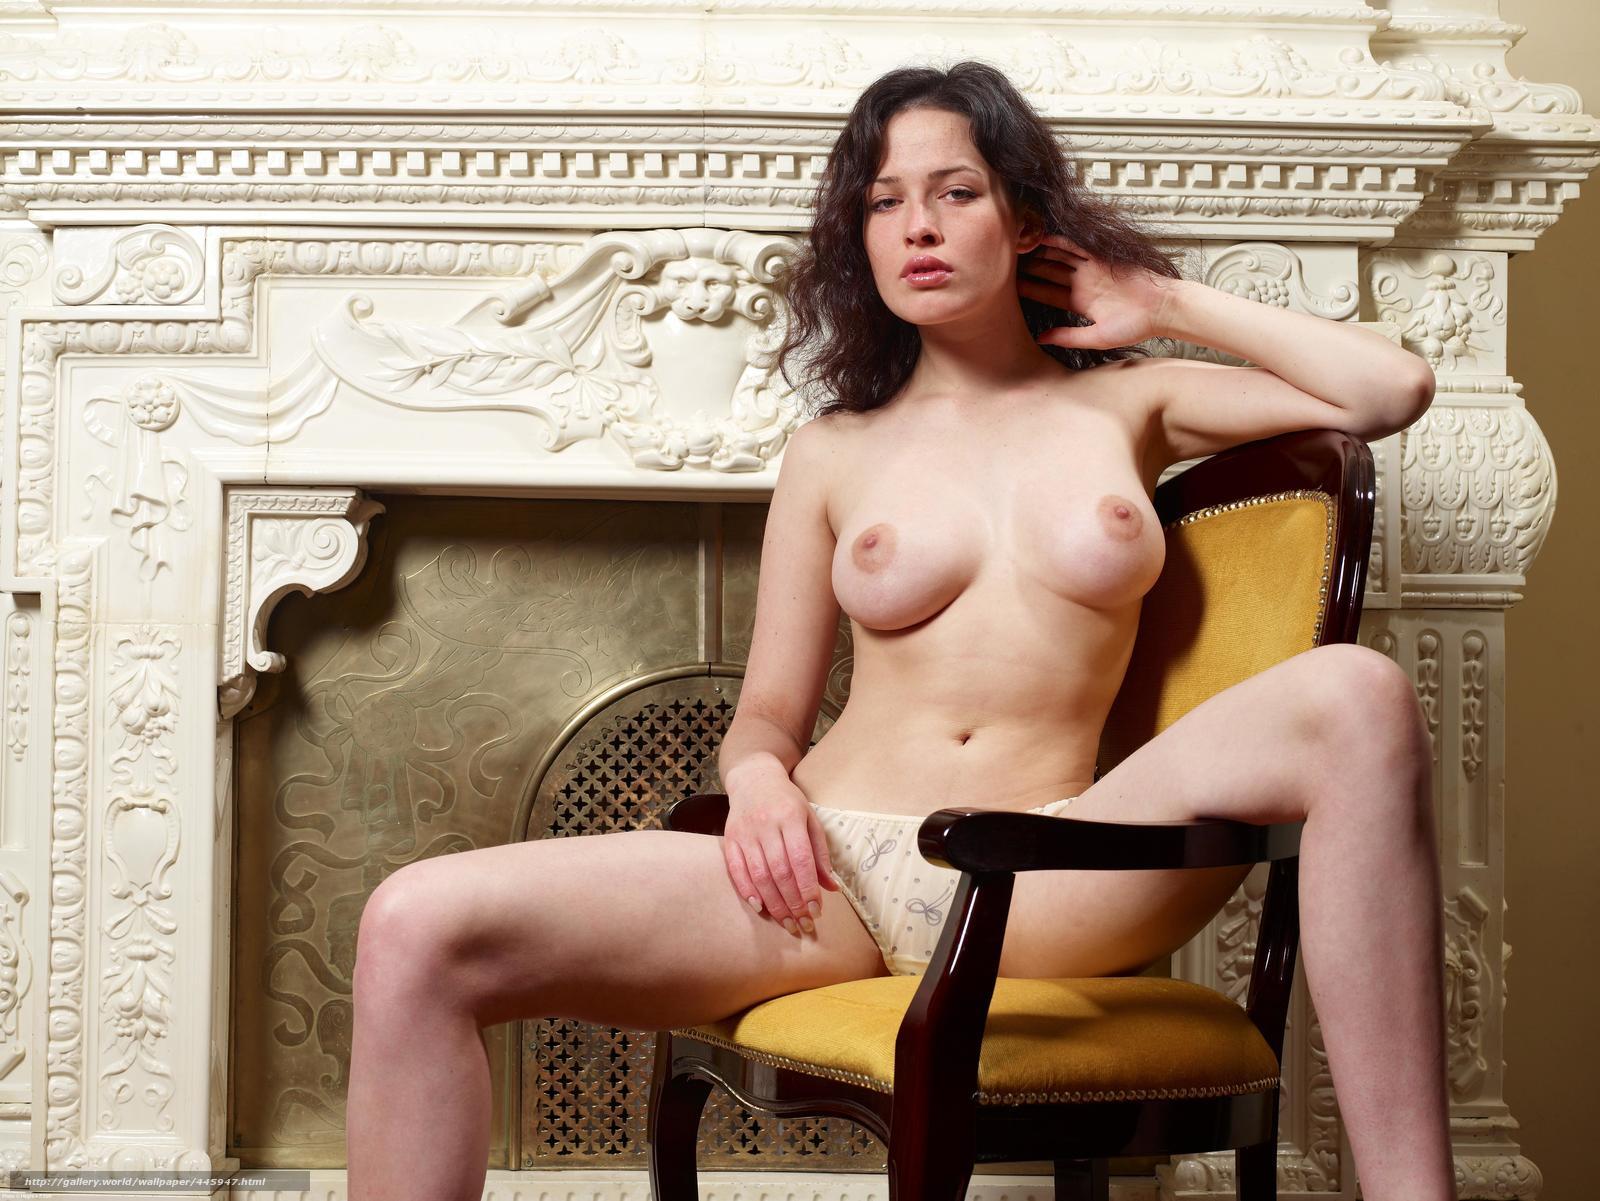 ochen-russkaya-porno-model-dasha-lyubitelskoe